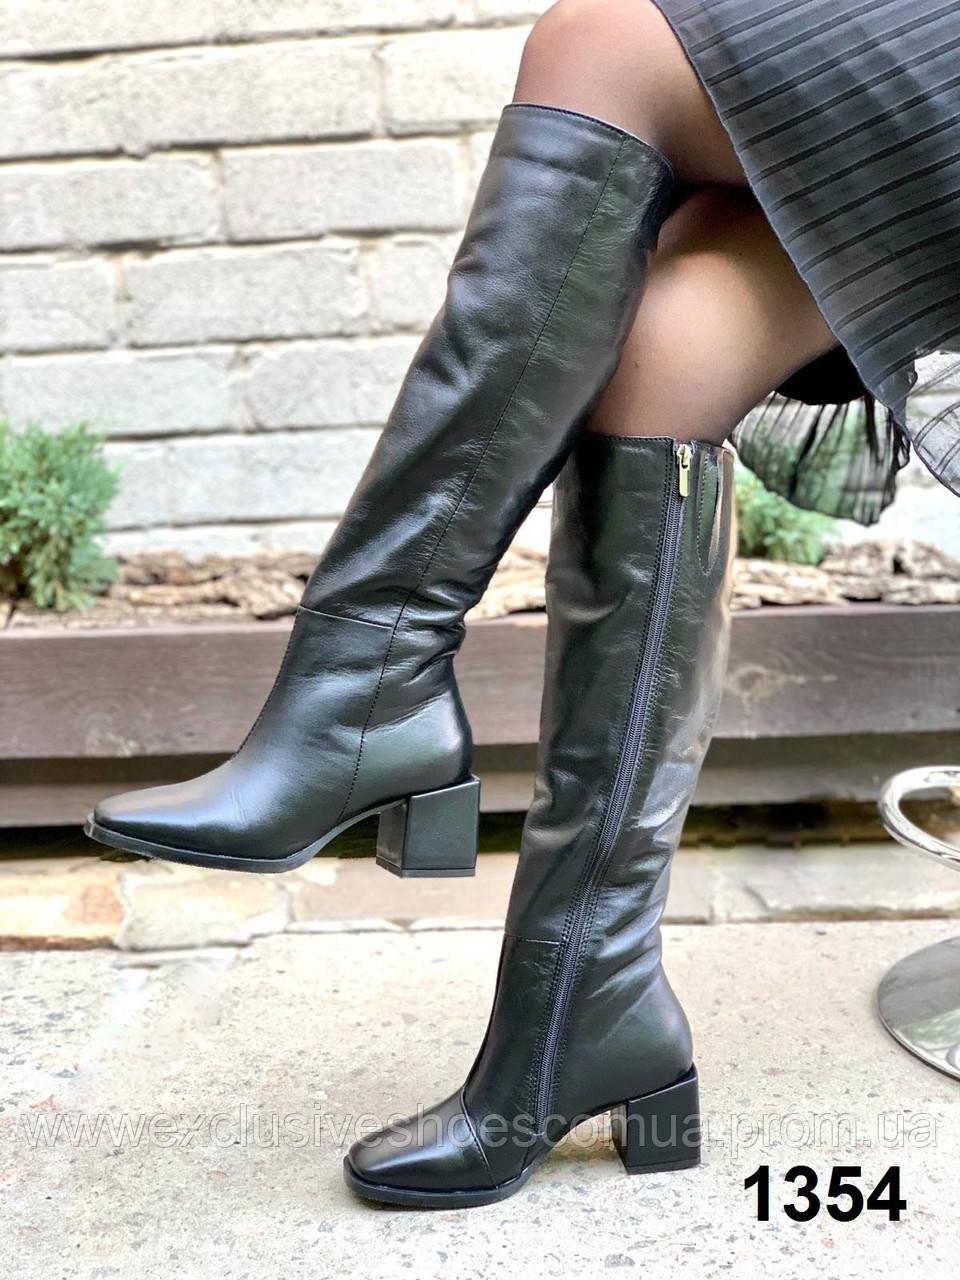 Чоботи жіночі демі чорні шкіряні на підборах з тупим носком